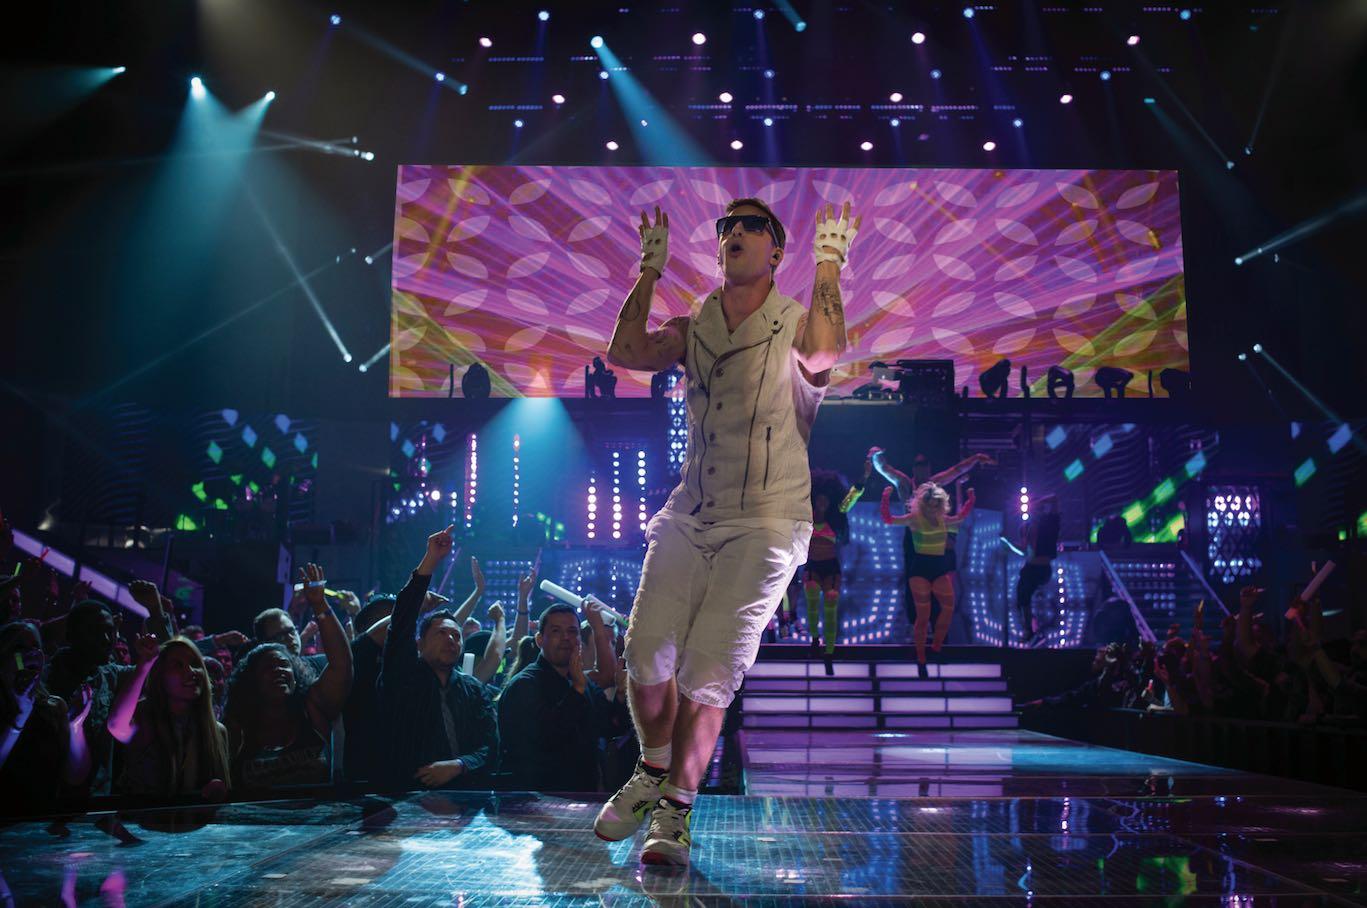 Popstar Andy Samberg Movie Review